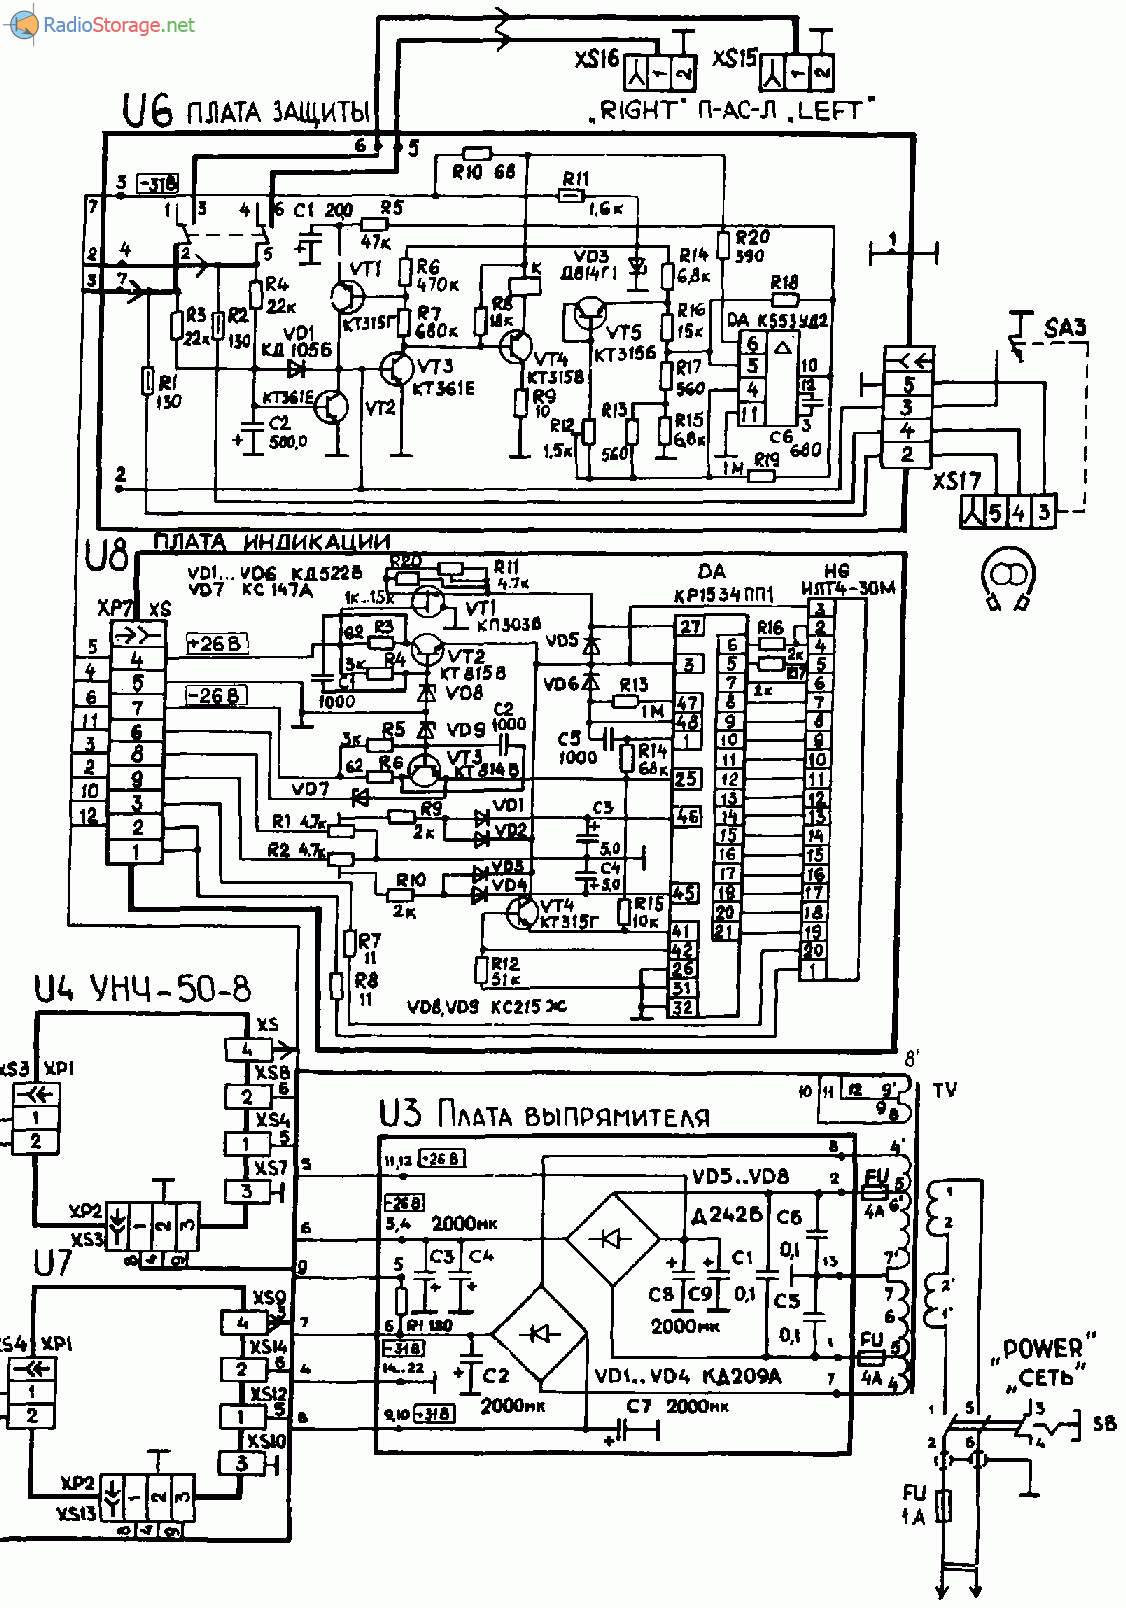 Усилитель Радиотехника У-7101 (Radiotehnika U-7101), схема